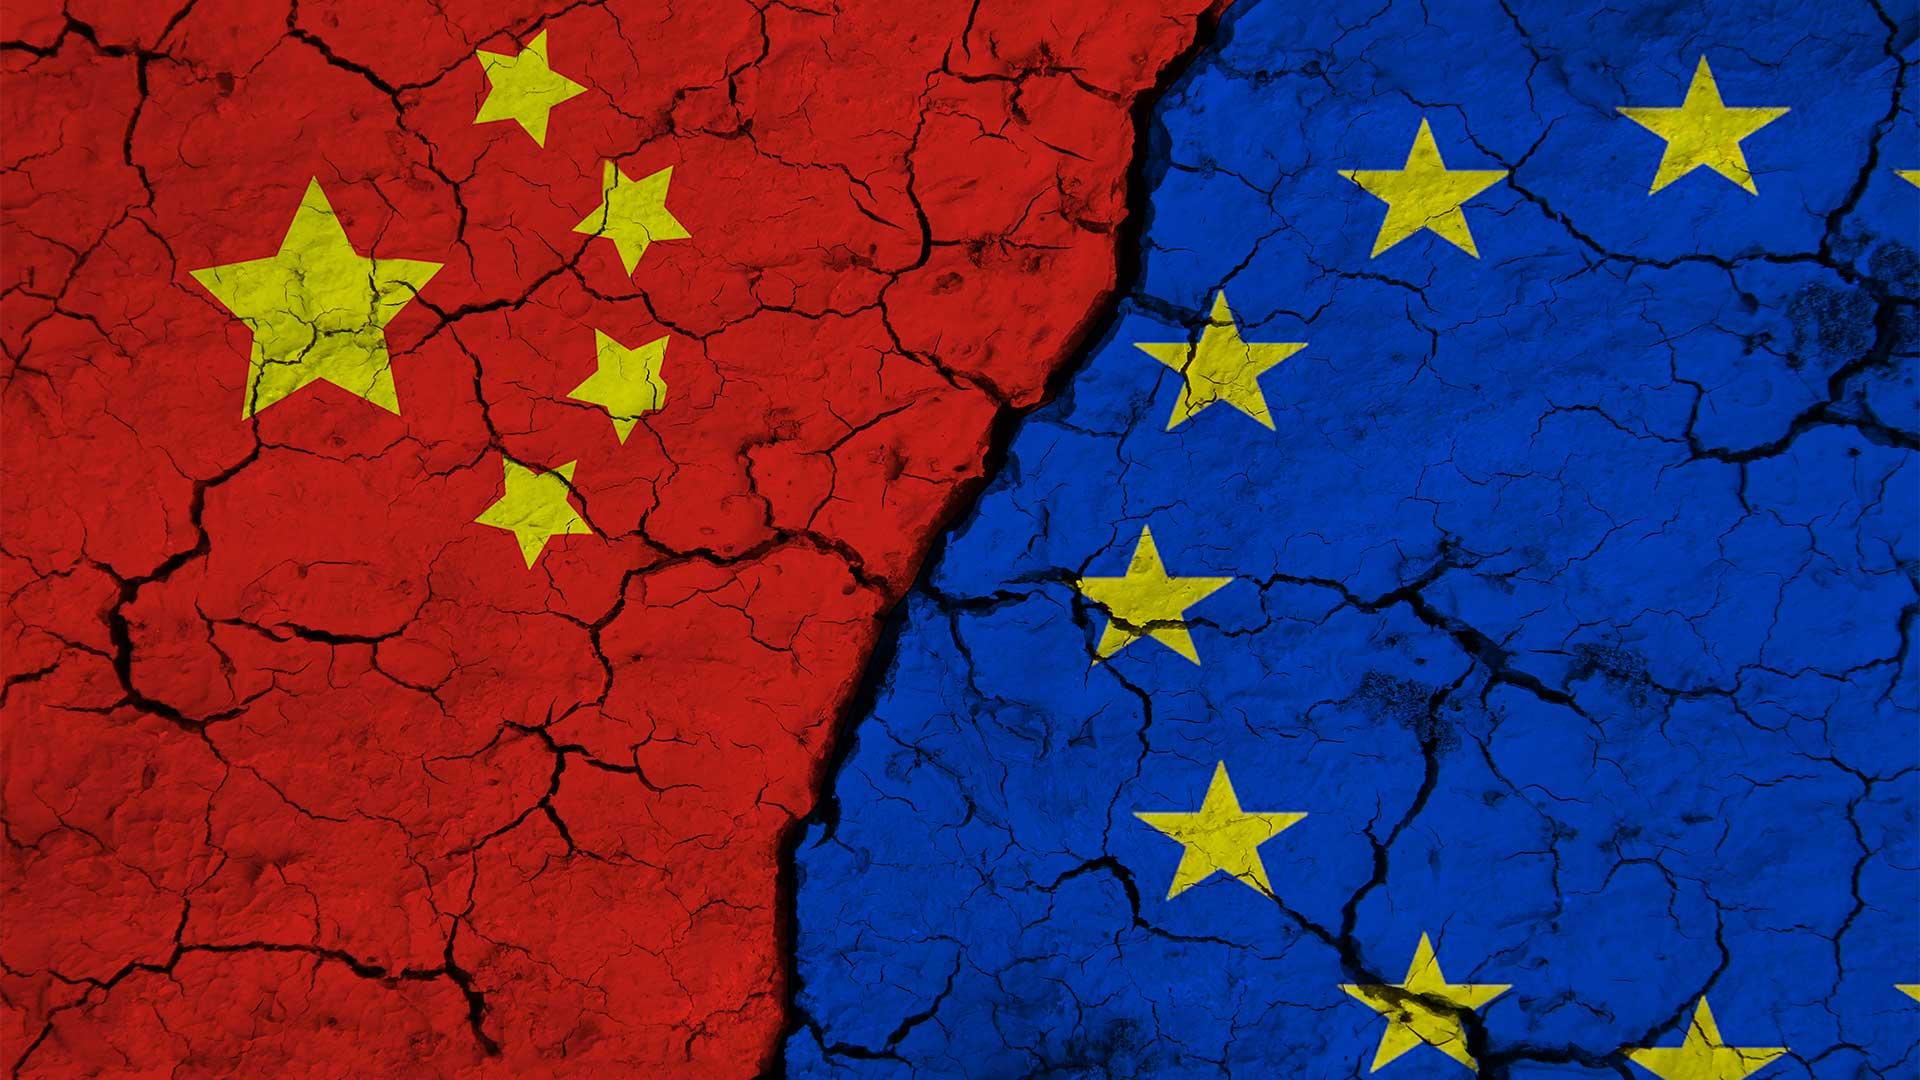 Europa i Xina: distanciament